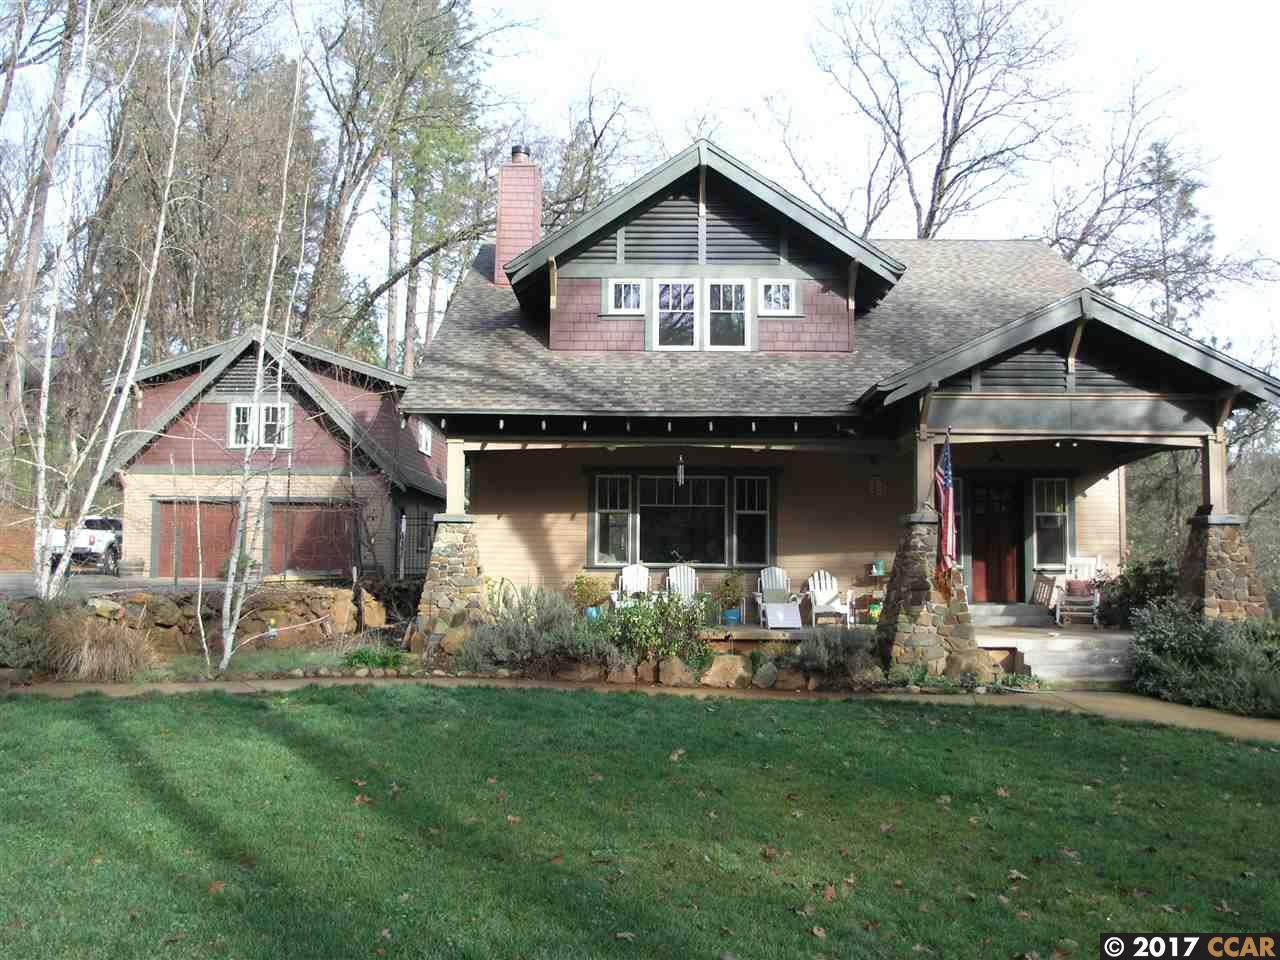 Maison unifamiliale pour l Vente à 2217 Van Giesen Drive 2217 Van Giesen Drive Meadow Vista, Californie 95722 États-Unis